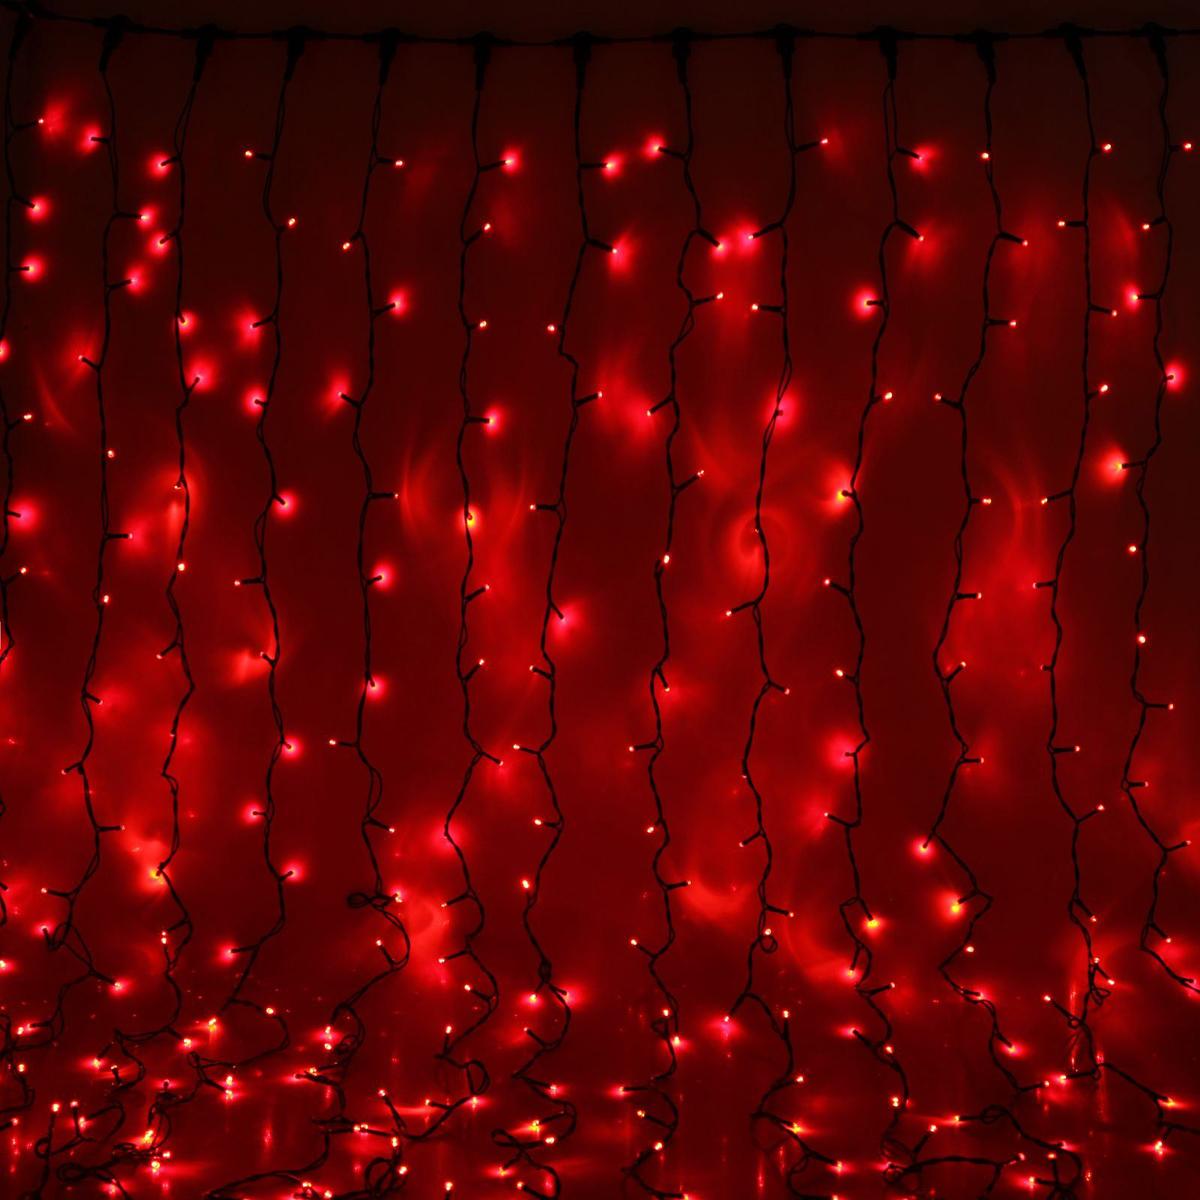 Гирлянда светодиодная Luazon Занавес, цвет: красный, уличная, 760 ламп, 220 V, 2 х 3 м. 10802351080235Гирлянда светодиодная Luazon Занавес - это отличный вариант для новогоднего оформления интерьера или фасада. С ее помощью помещение любого размера можно превратить в праздничный зал, а внешние элементы зданий, украшенные гирляндой, мгновенно станут напоминать очертания сказочного дворца. Такое украшение создаст ауру предвкушения чуда. Деревья, фасады, витрины, окна и арки будто специально созданы, чтобы вы украсили их светящимися нитями.